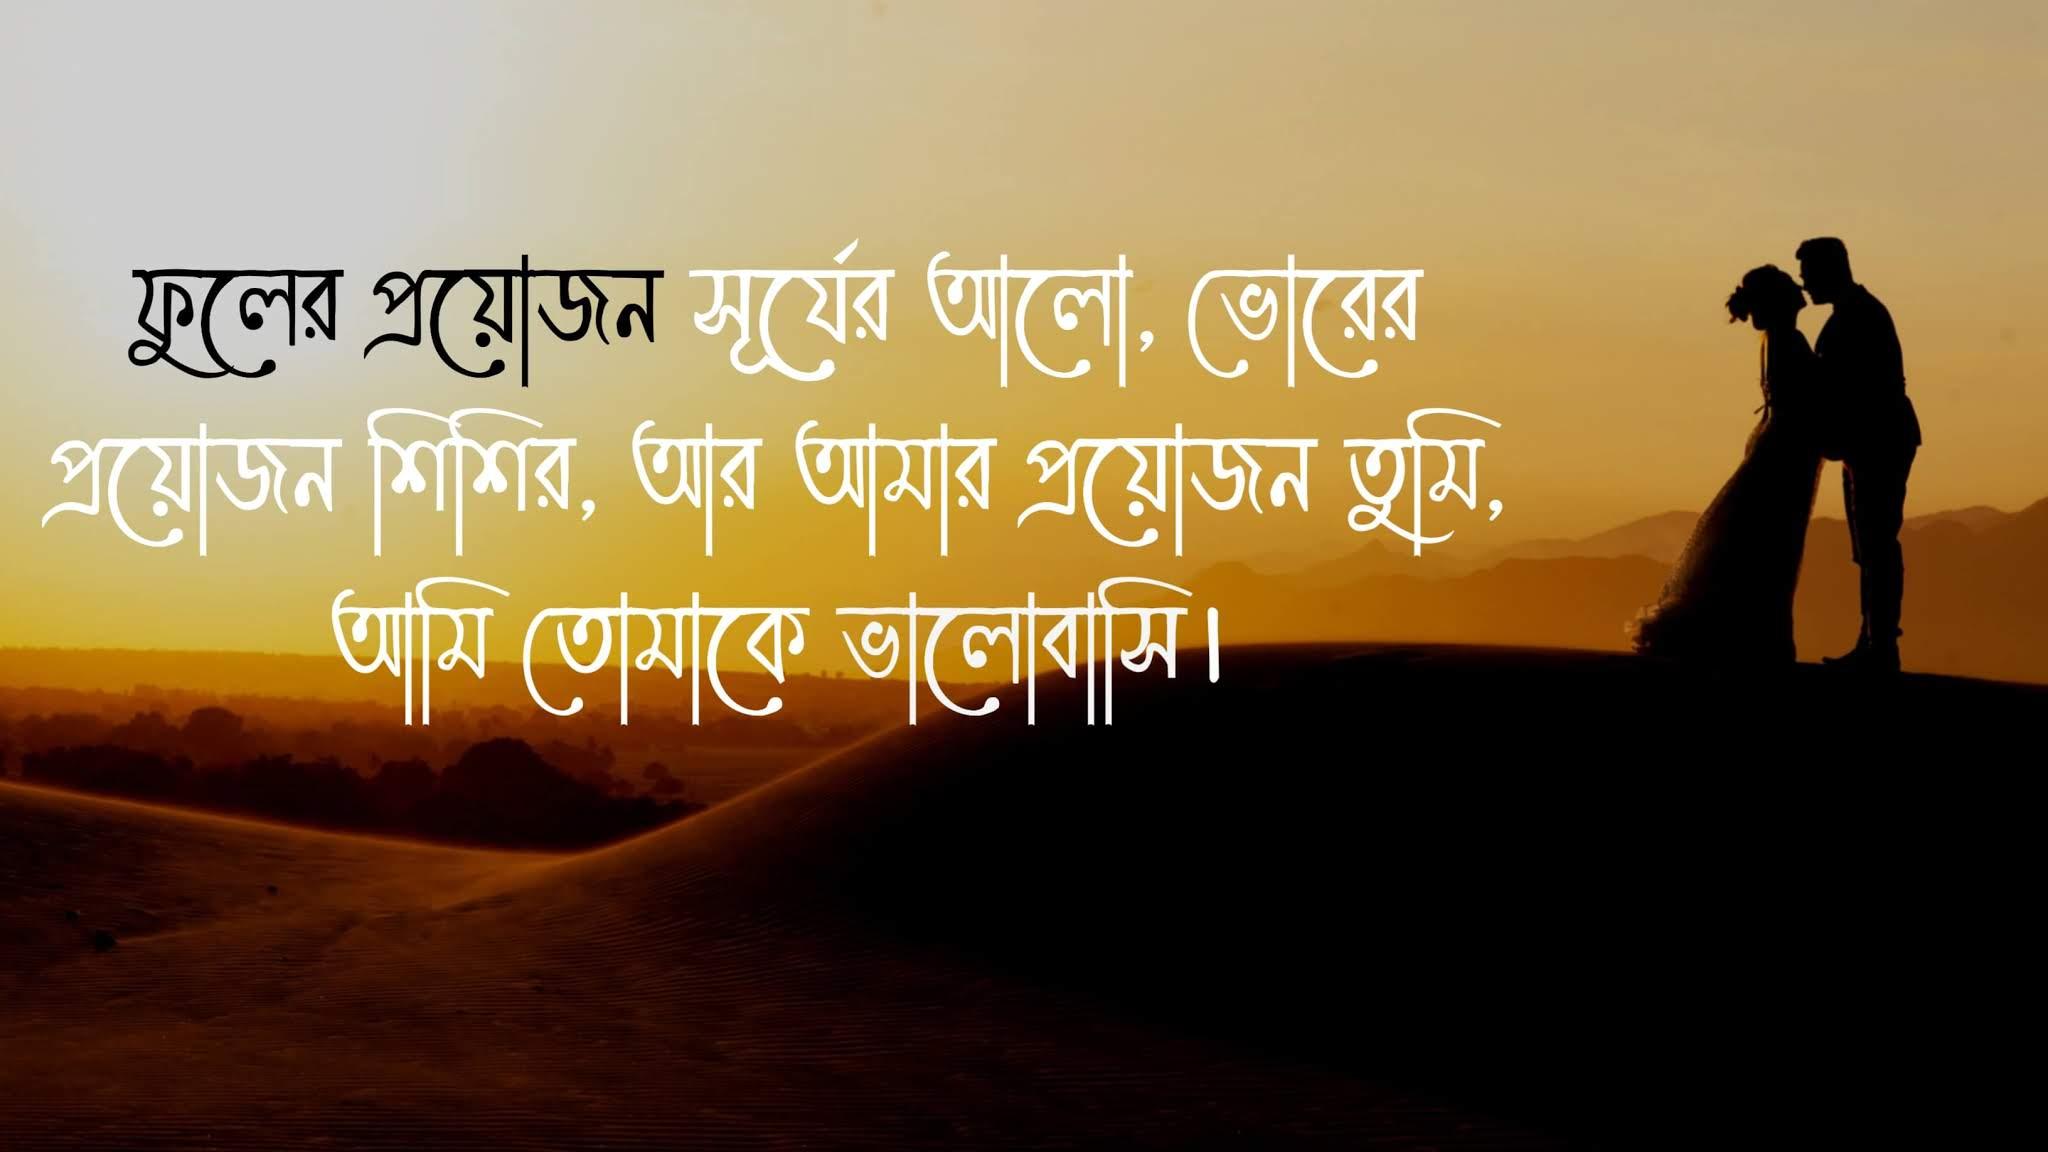 bangla sms for lover